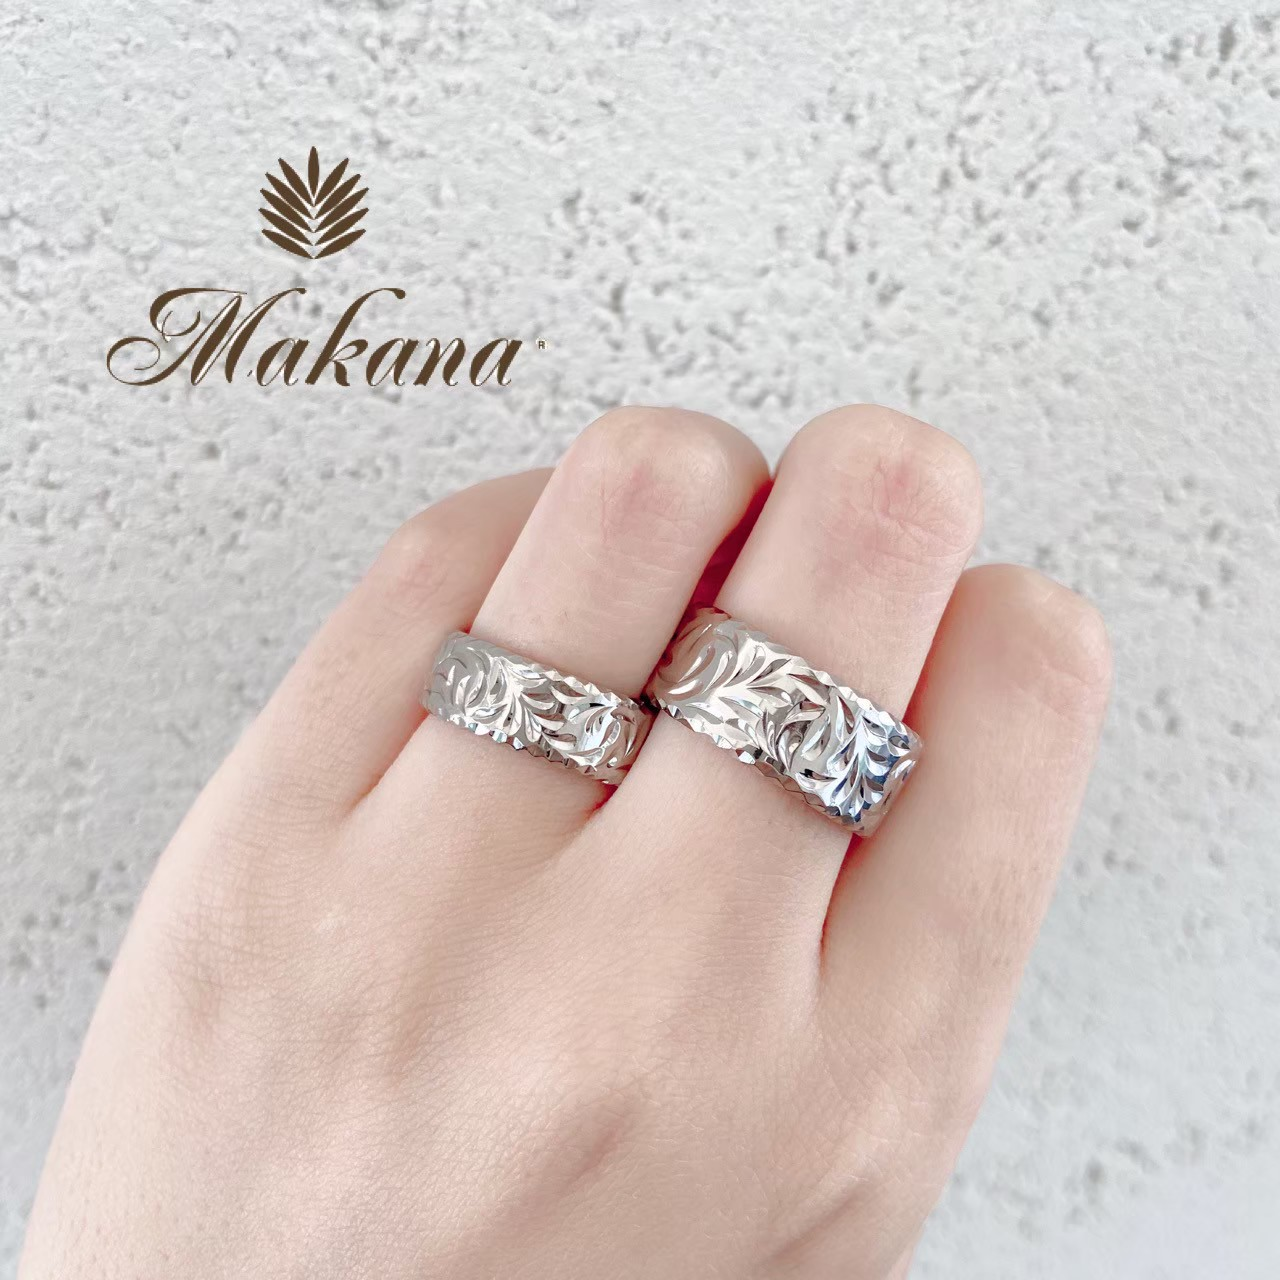 新潟で人気の結婚指輪と婚約指輪 BROOCH Makana(マカナ)| 新潟でかっこいいハワイアンジュエリーのマリッジリングを探すならマカナ